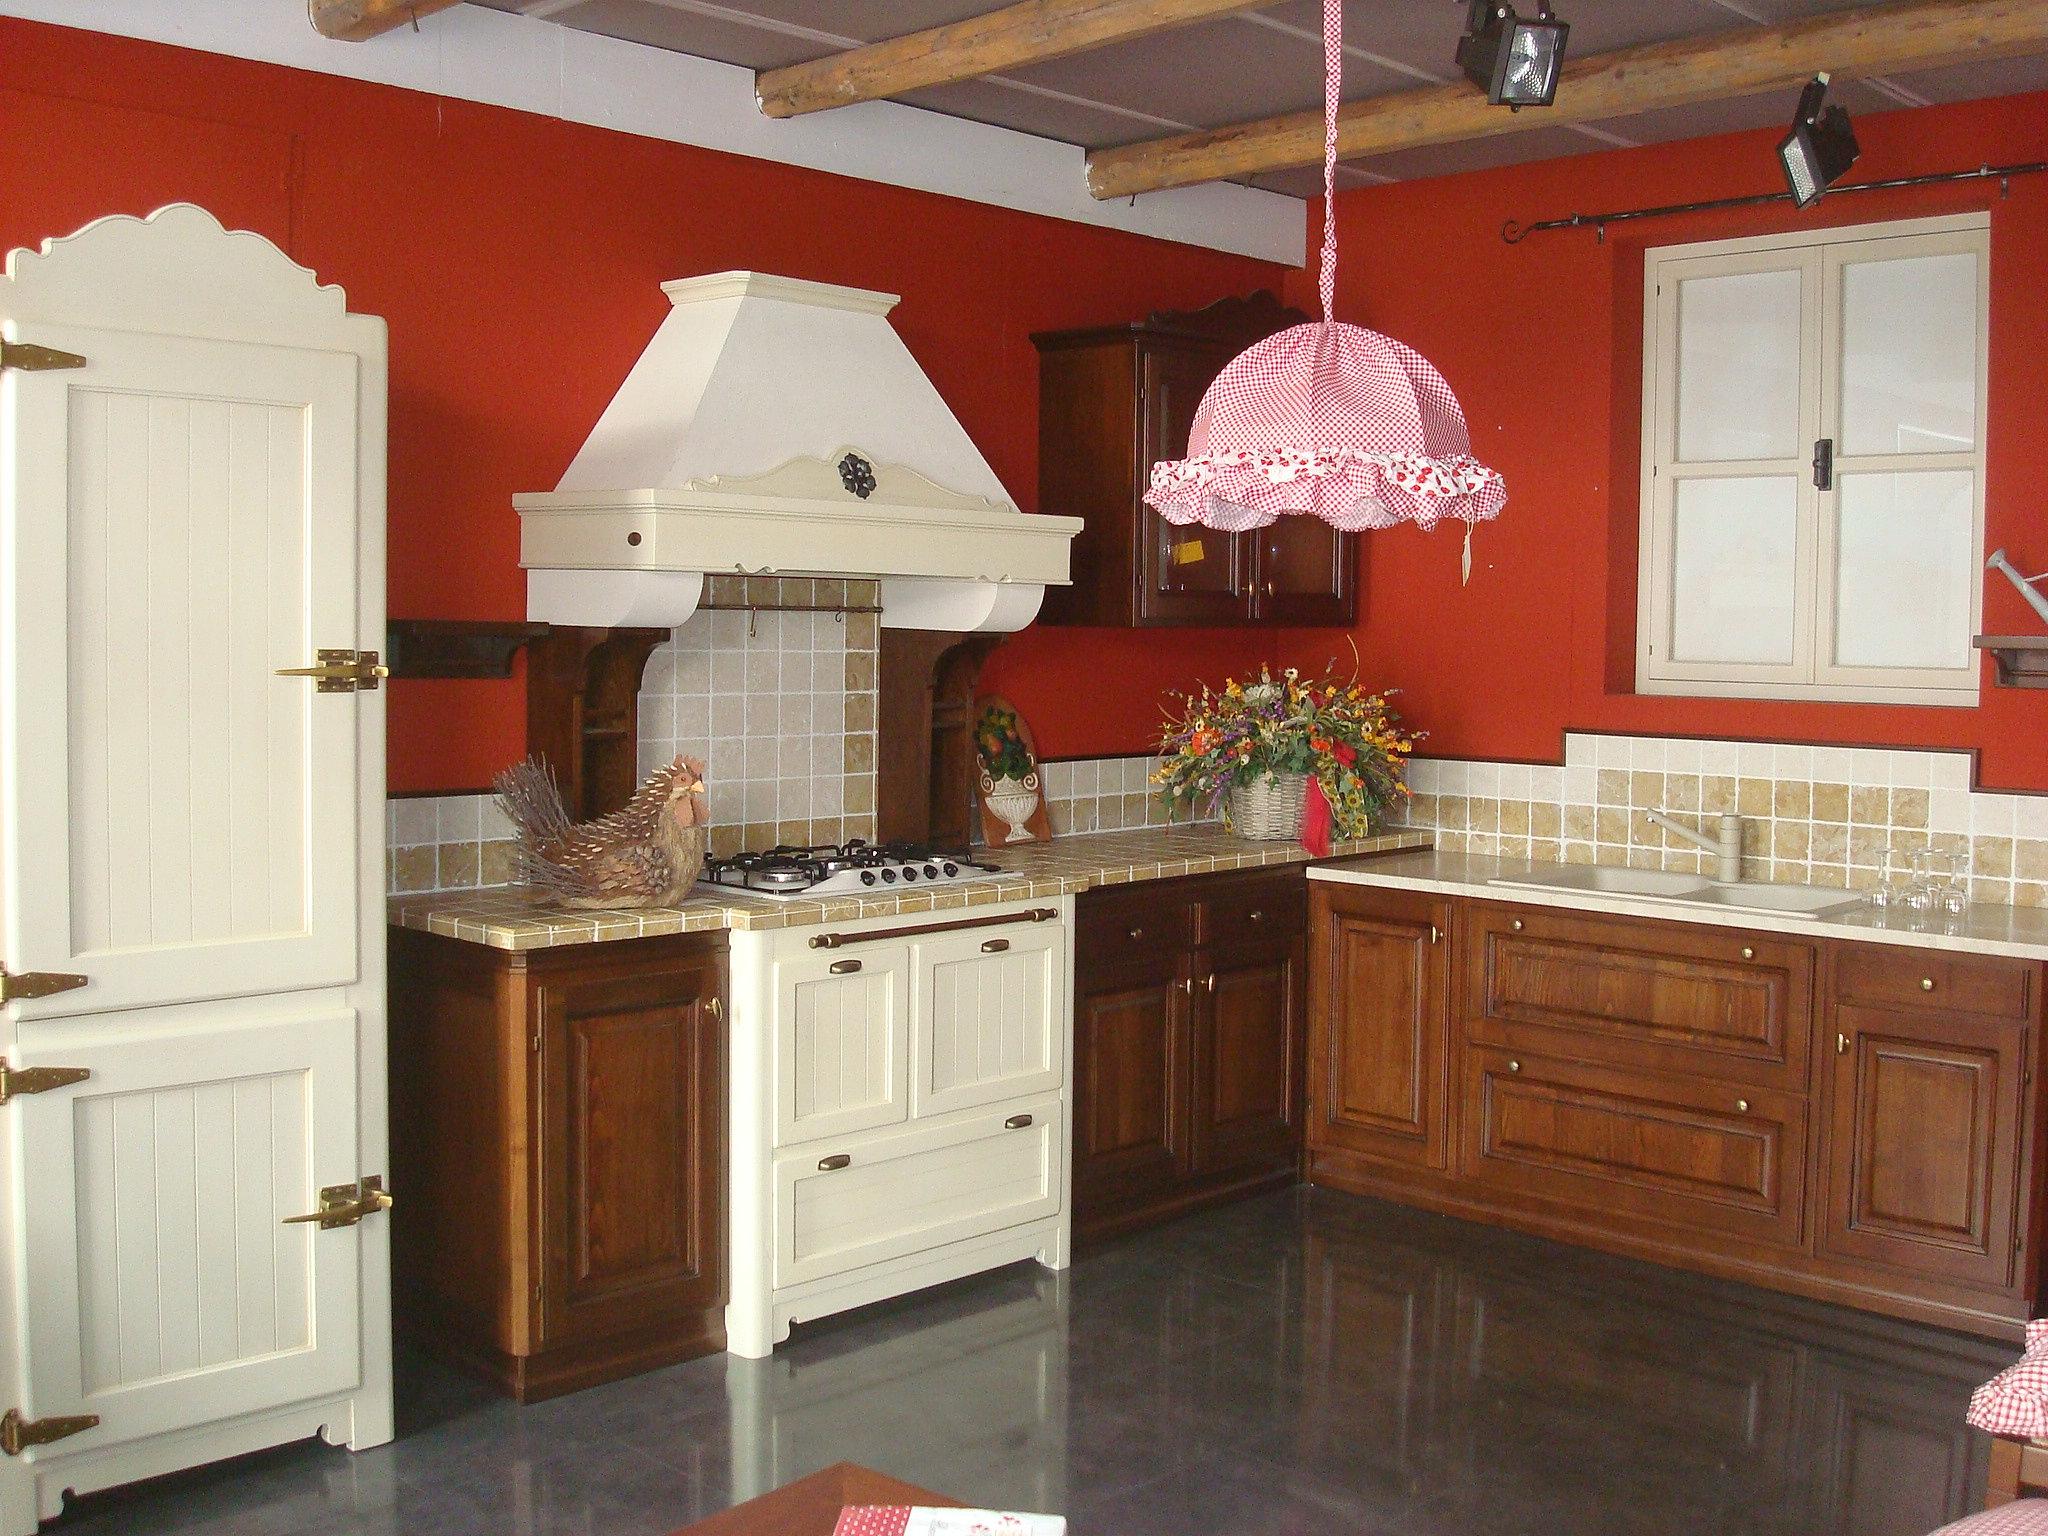 Outlet arredamento e cucine di design martini outlet for Arredamento di design outlet